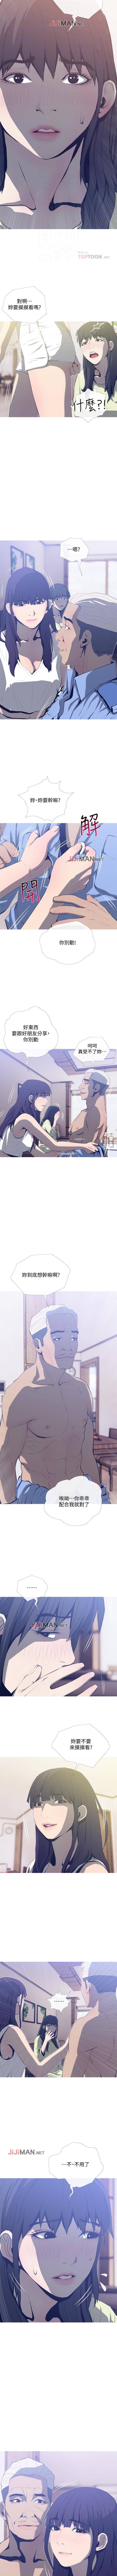 【周五连载】主妇危机(作者:查爾斯&漢水) 第1~26话 173